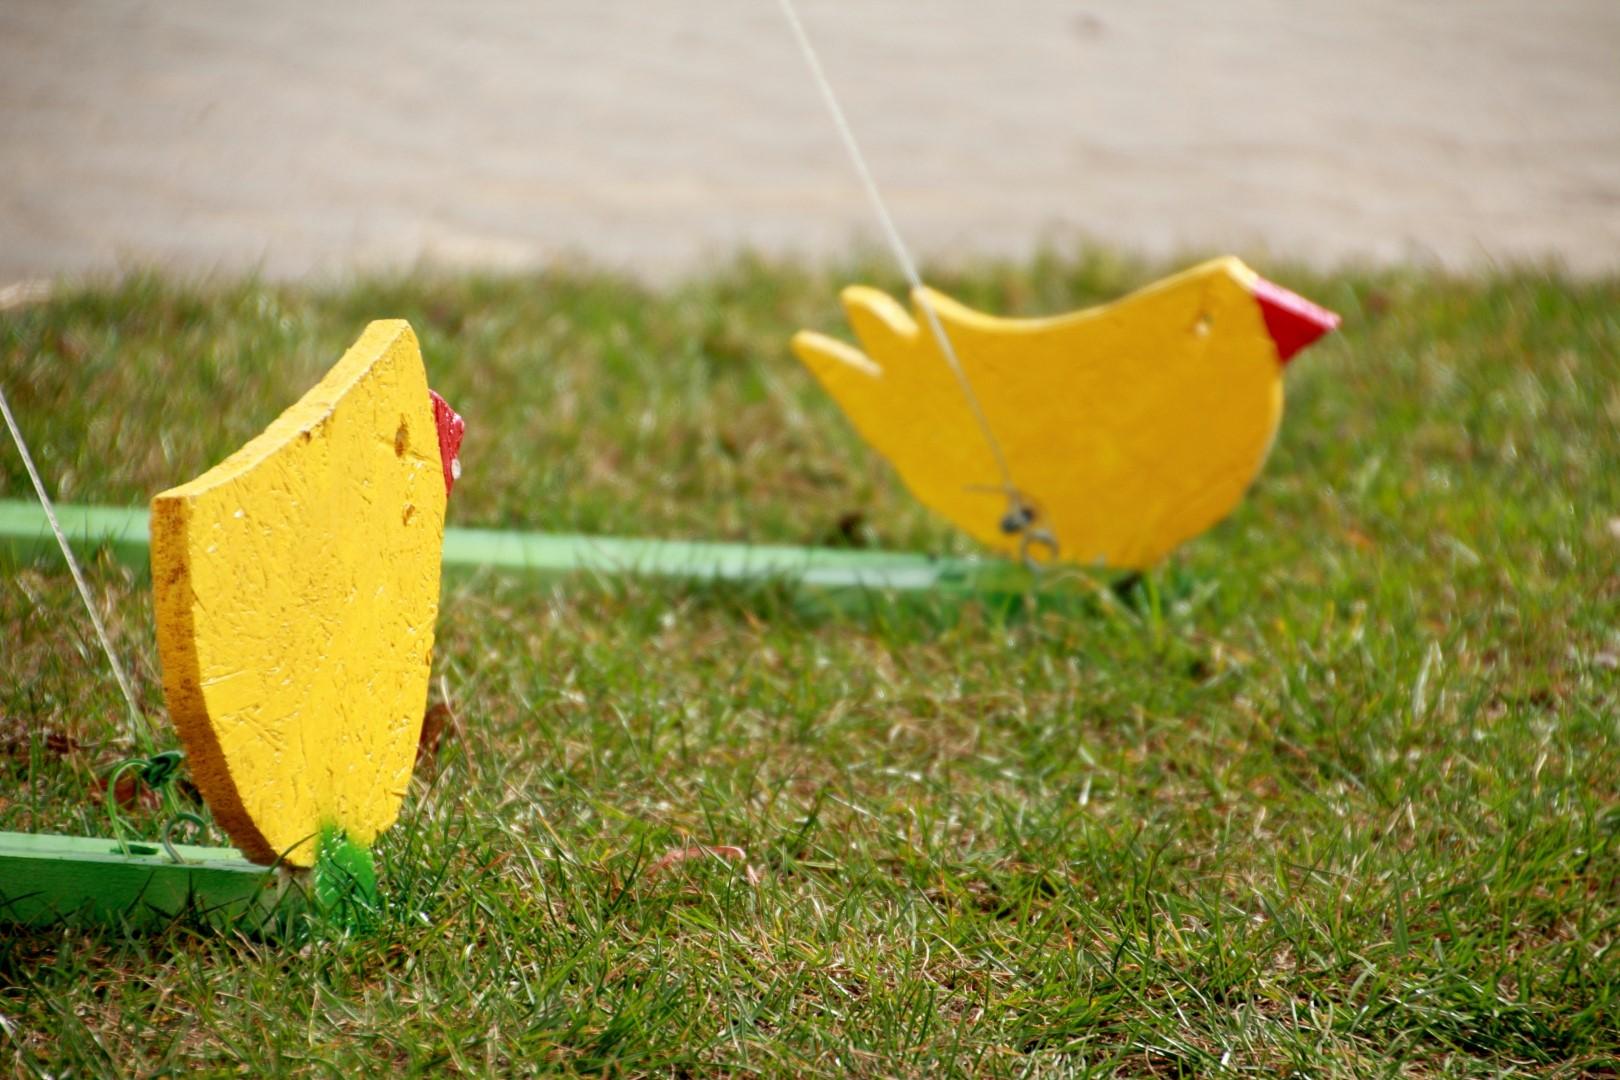 żółte, drewniane kurczaczki na trawniku